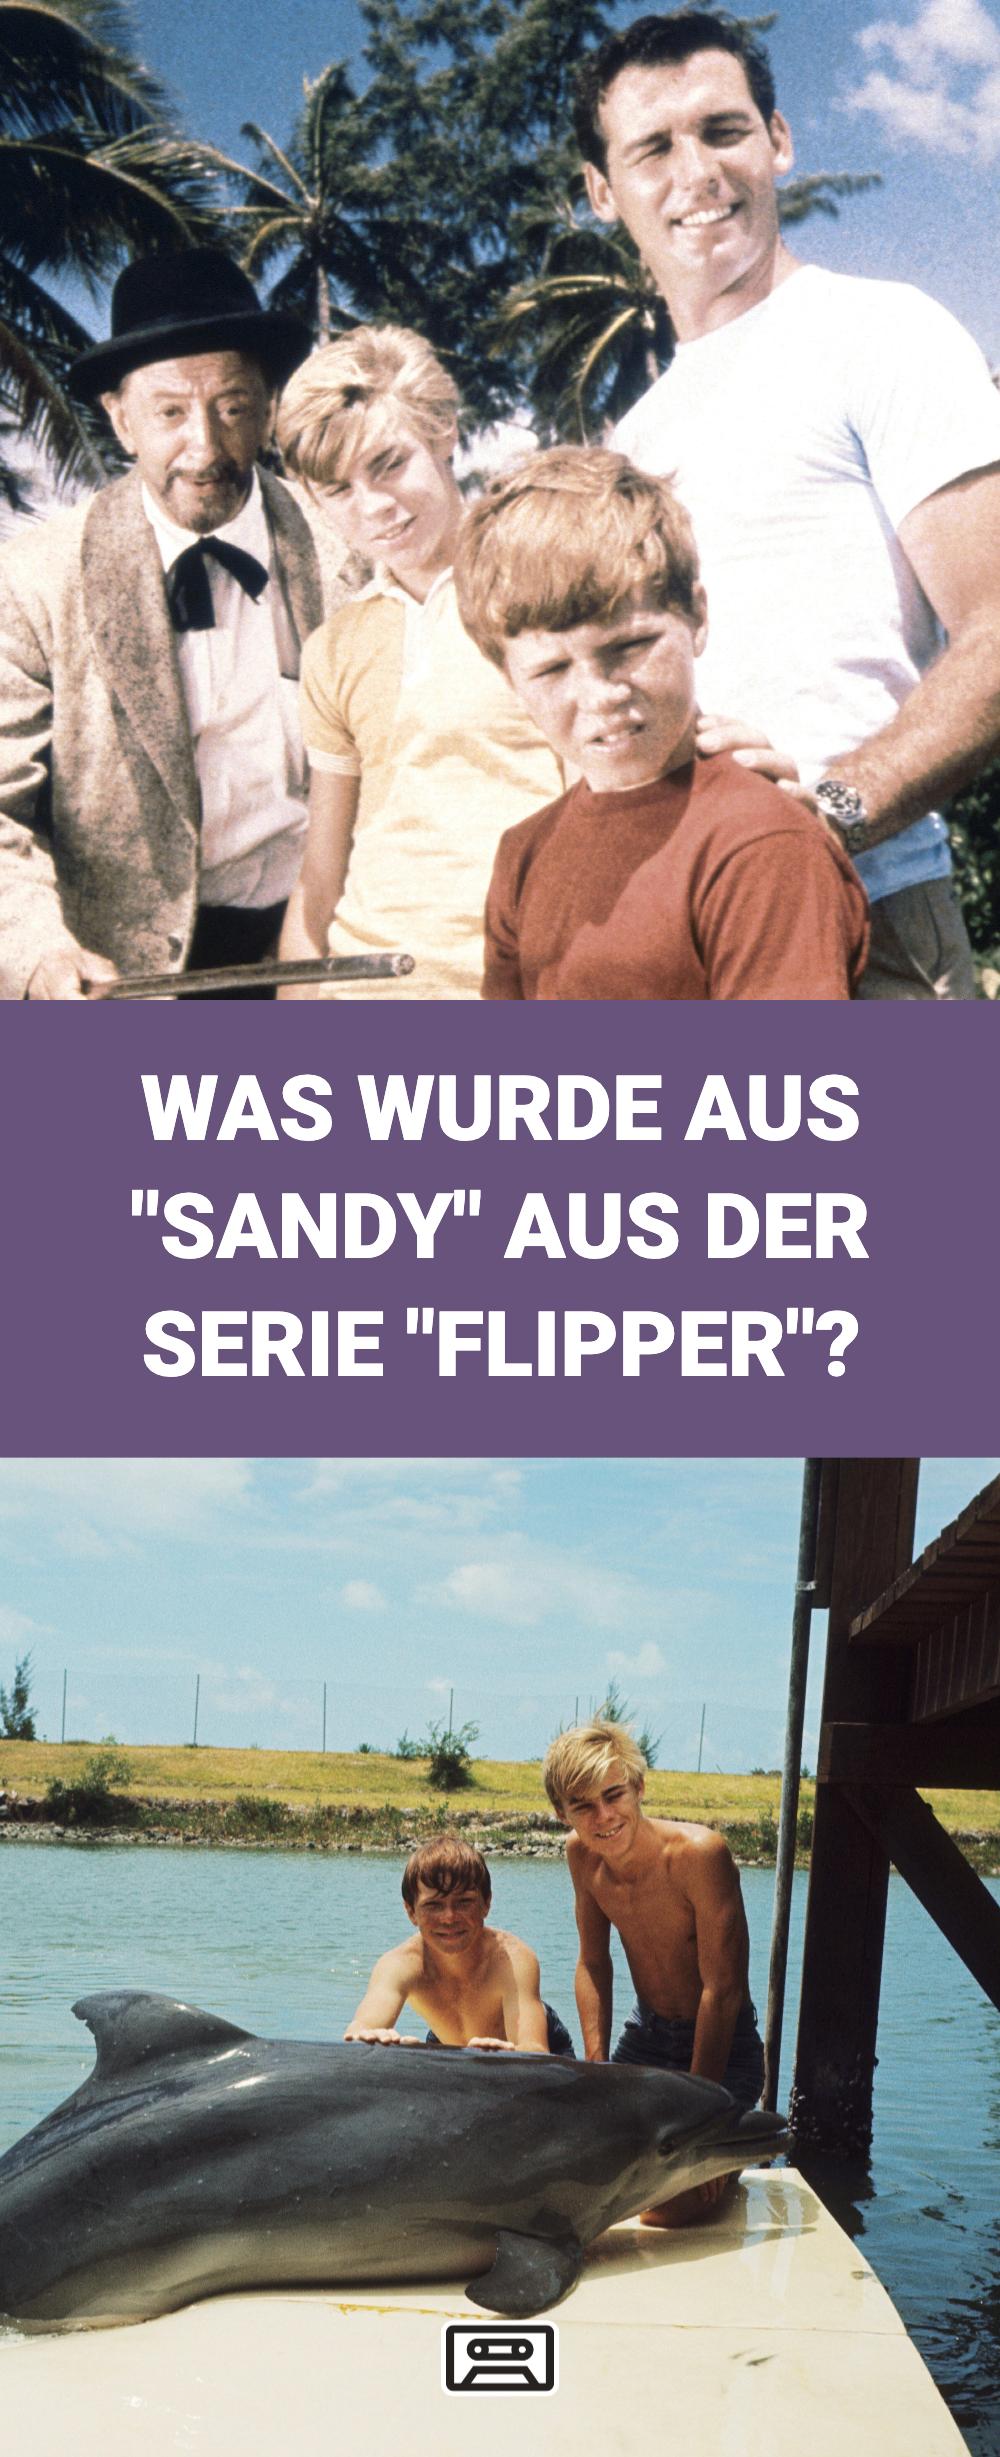 Der Mutige Delphin Flipper War Eine Unserer Lieblingskinderserien Aber Was Wurde Aus Seinem Menschlichen Freund Sandy Inzwi Filme Komodien Animationsfilme